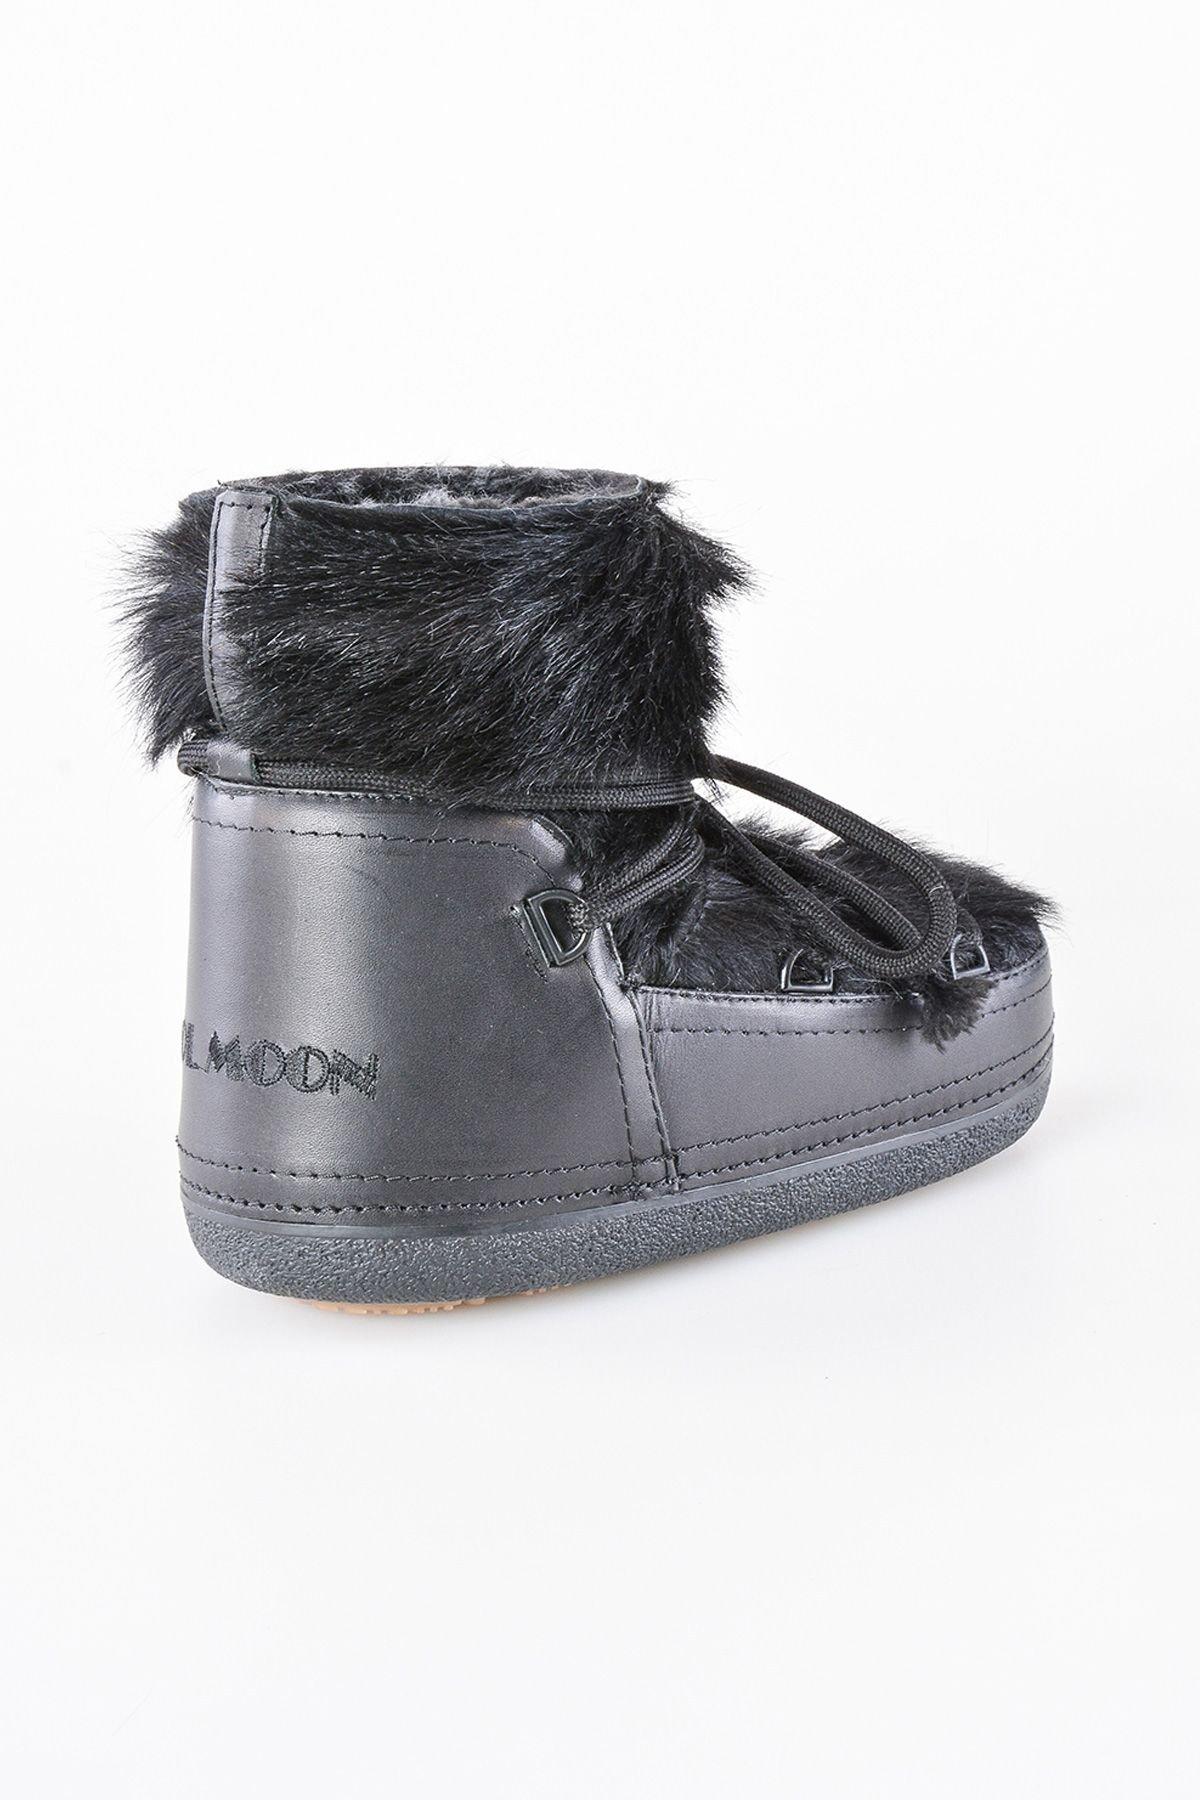 Cool Moon Hakiki Kürk Toscana Tüylü Bayan Kar Botu 351005 Siyah